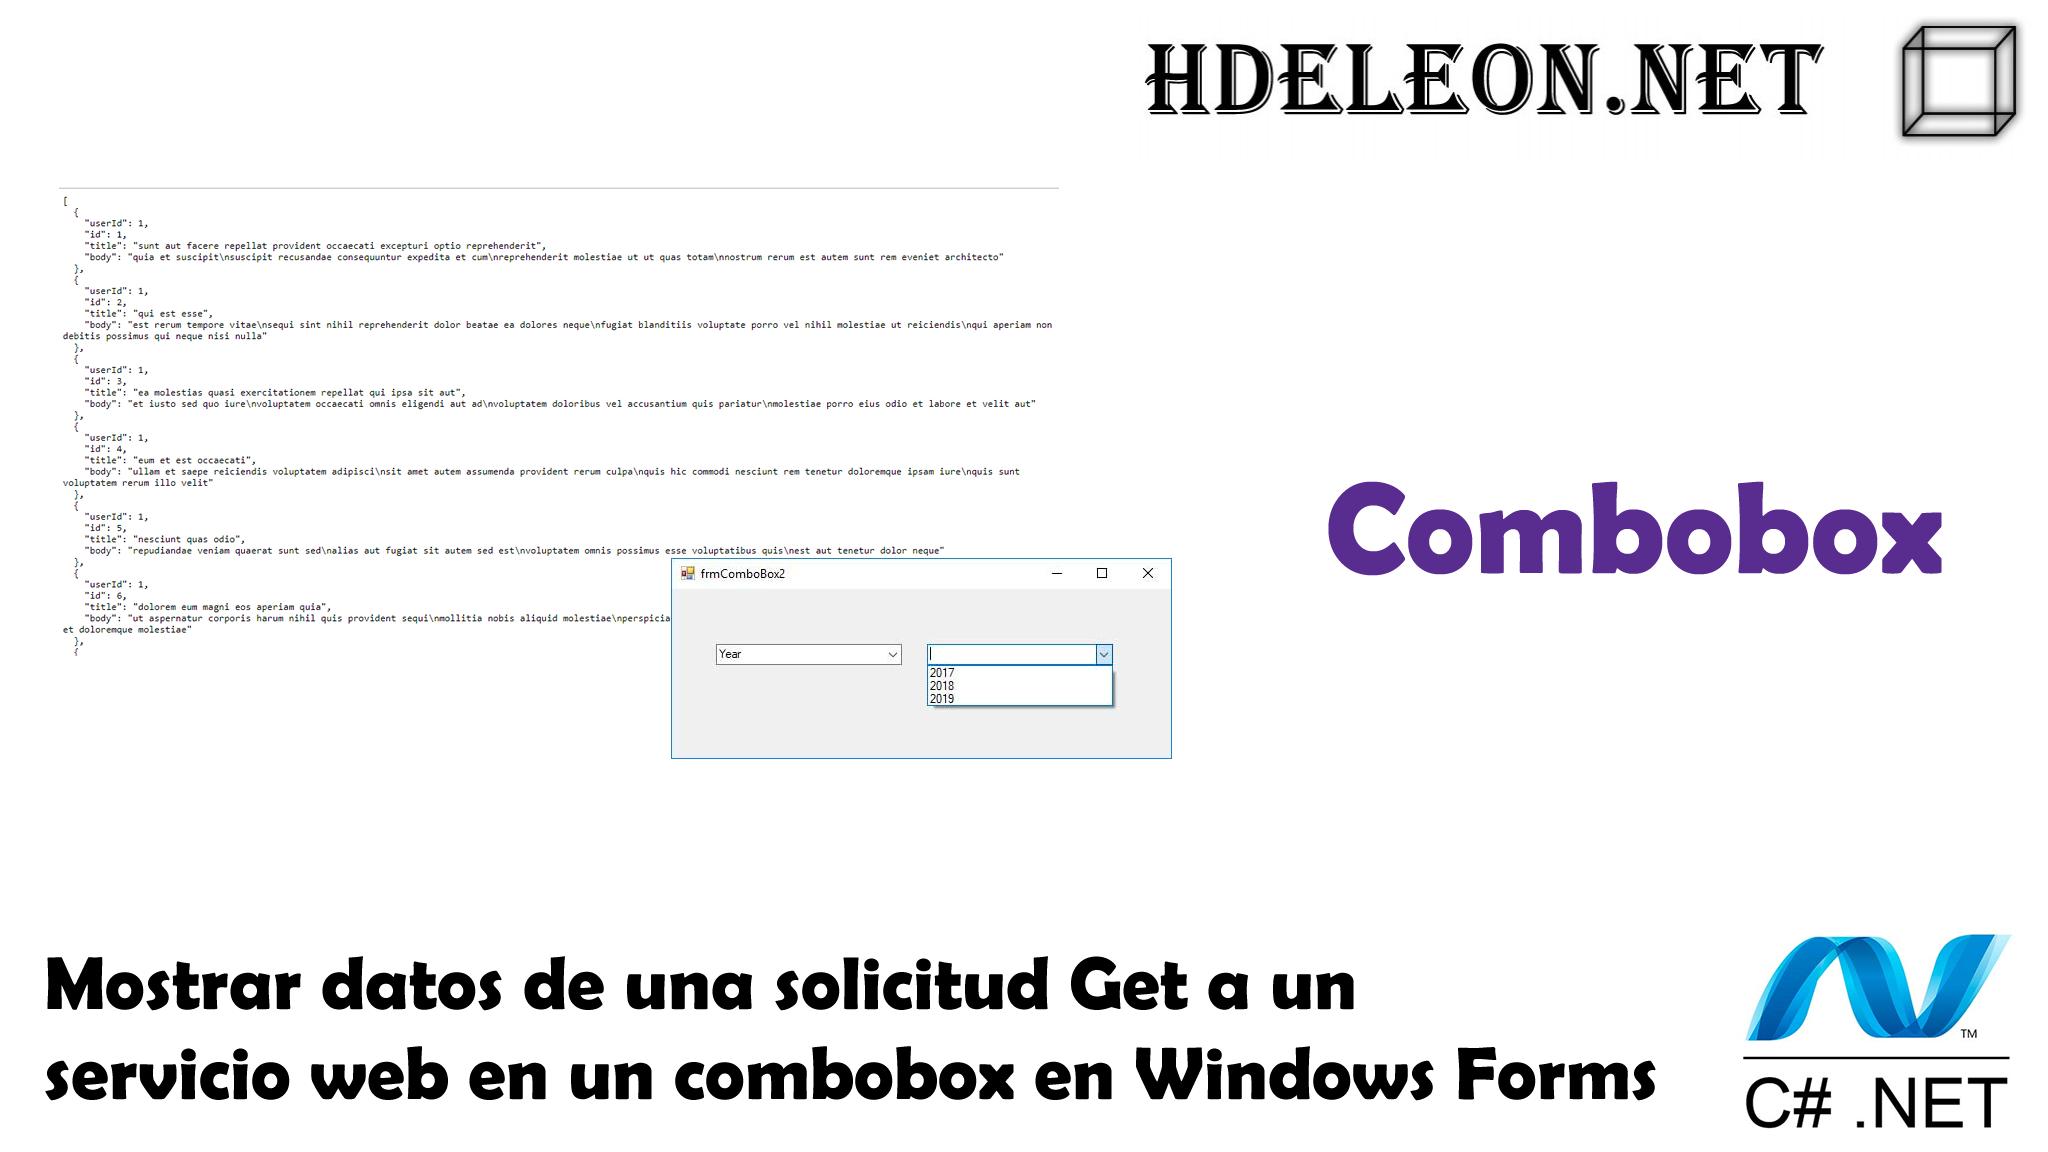 Mostrar datos de una solicitud Get a un servicio web en un combobox en Windows Forms .Net